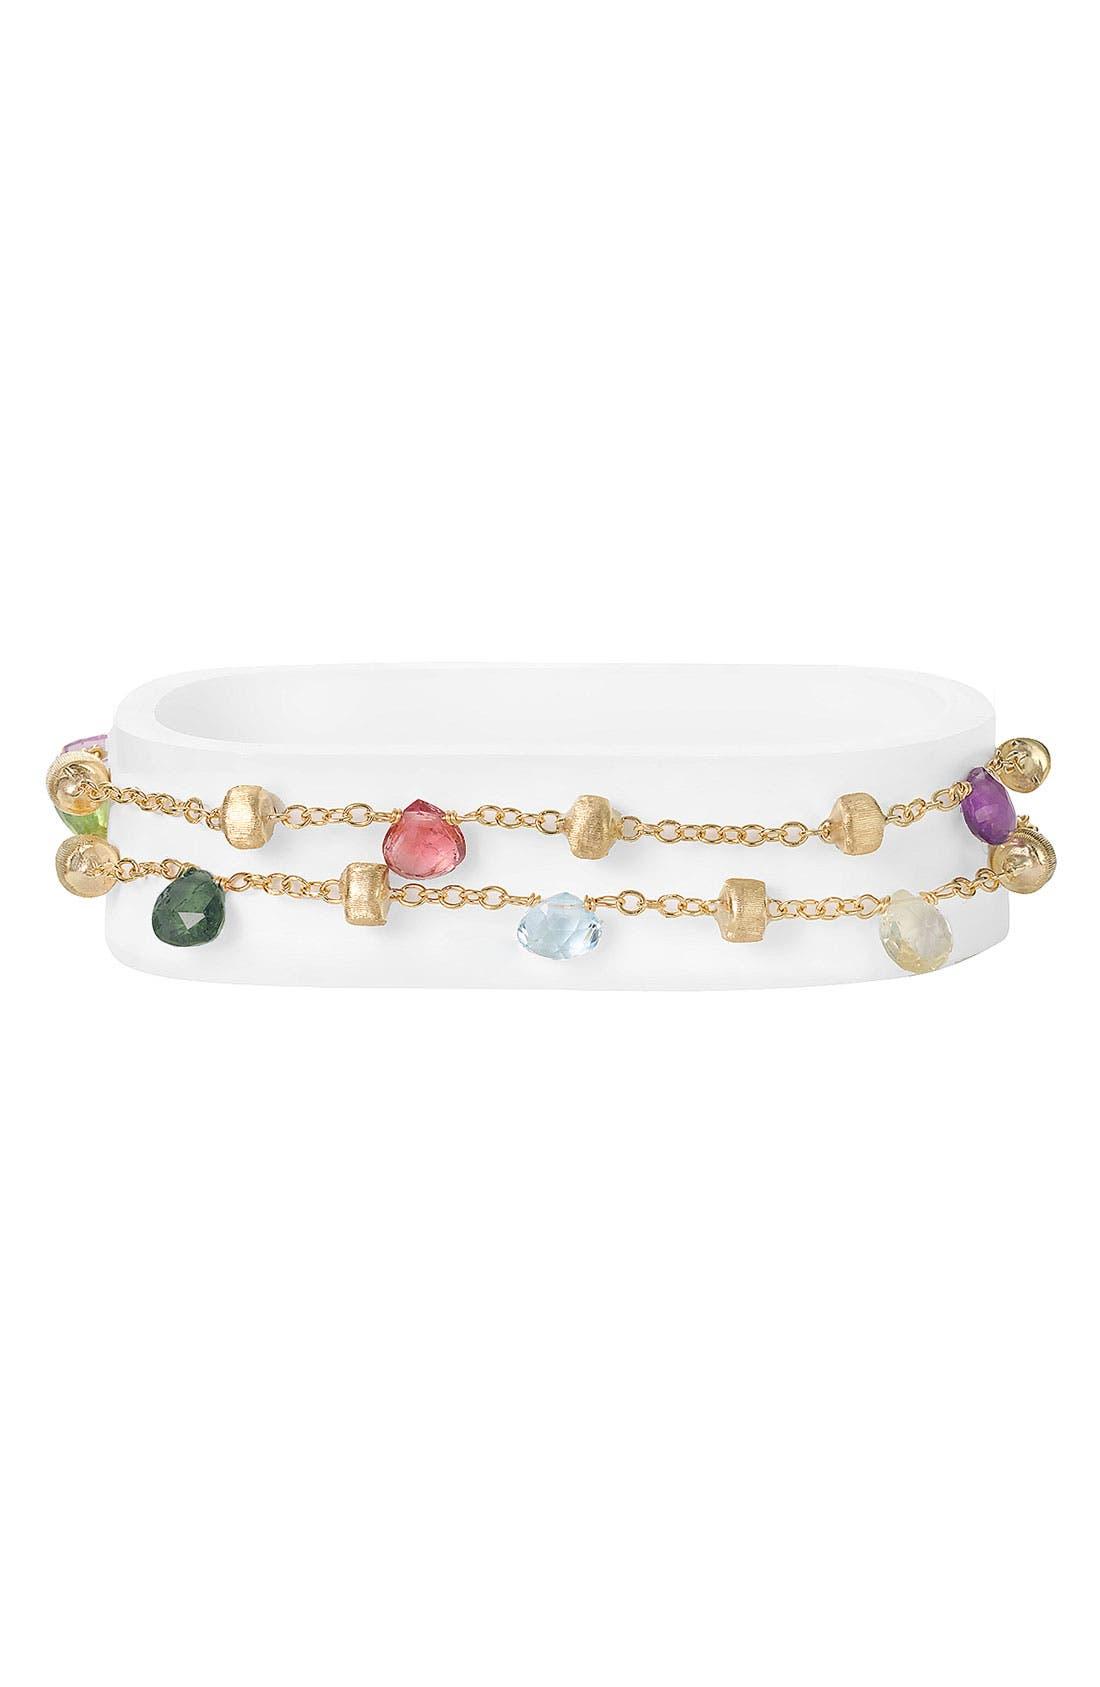 Main Image - Marco Bicego 'Paradise' Double Strand Semiprecious Stone Bracelet